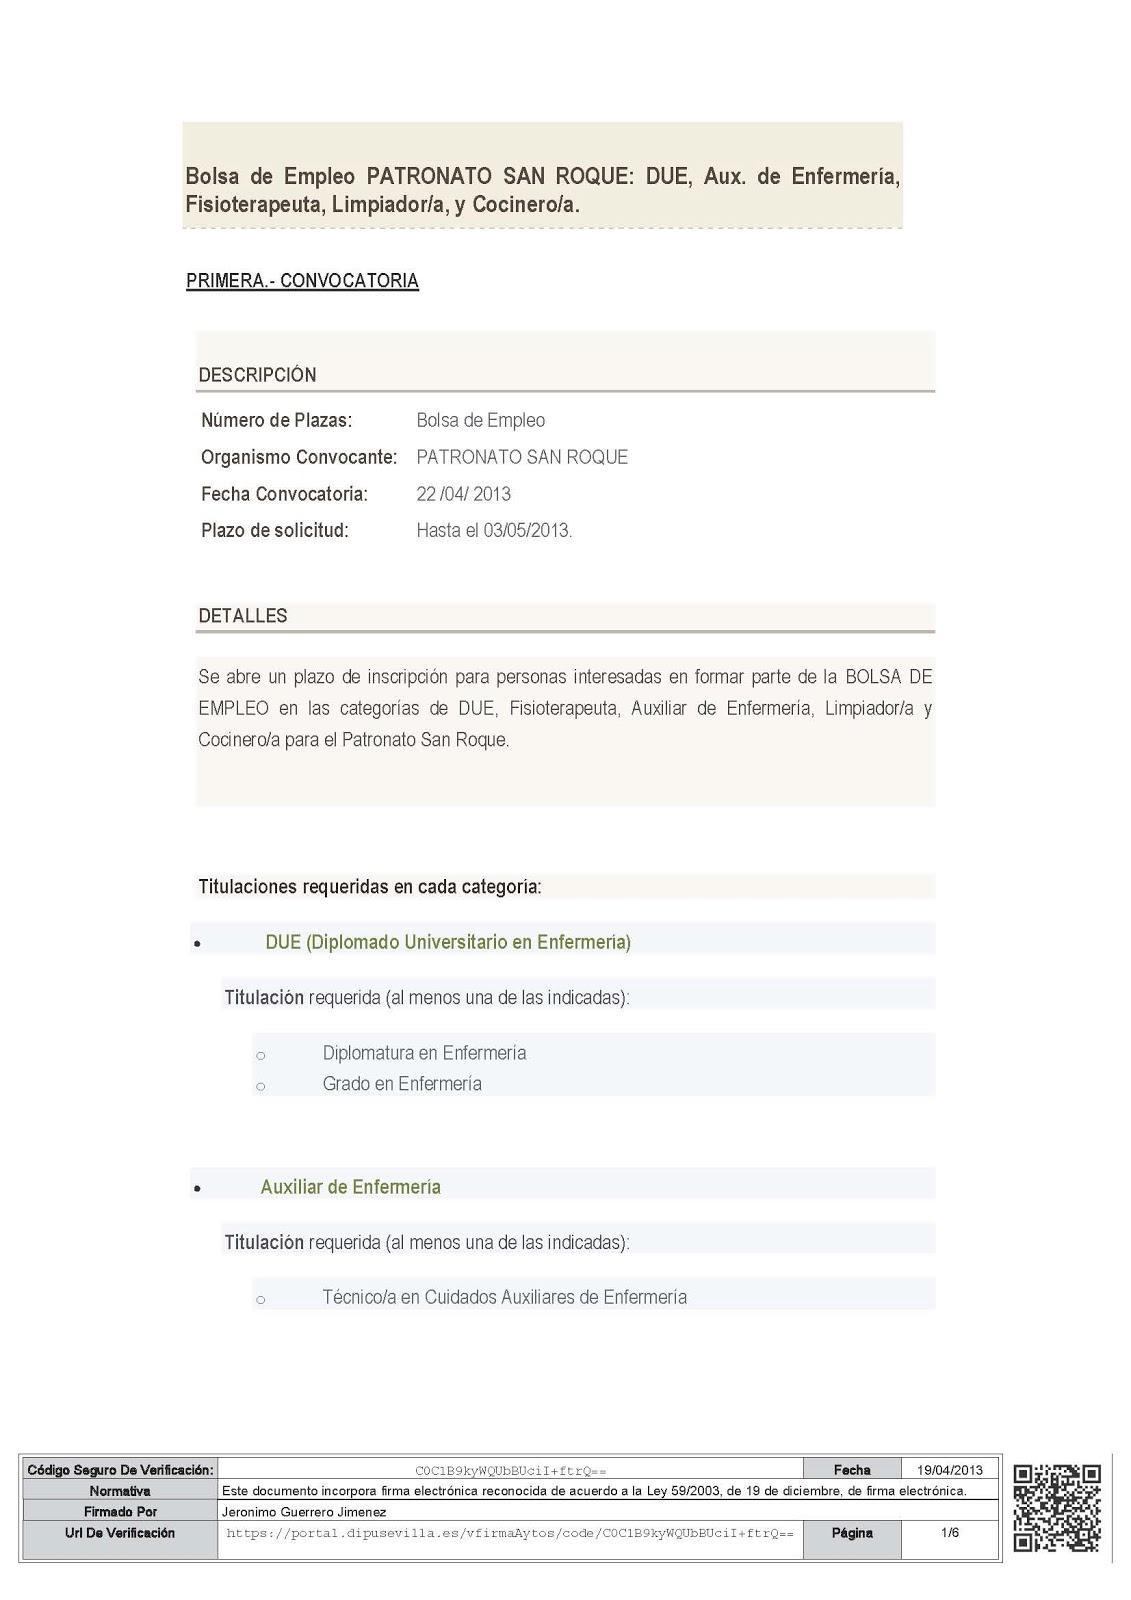 Bolsa de trabajo ofertas de empleo en turismo html autos weblog - Busco trabajo en javea ...